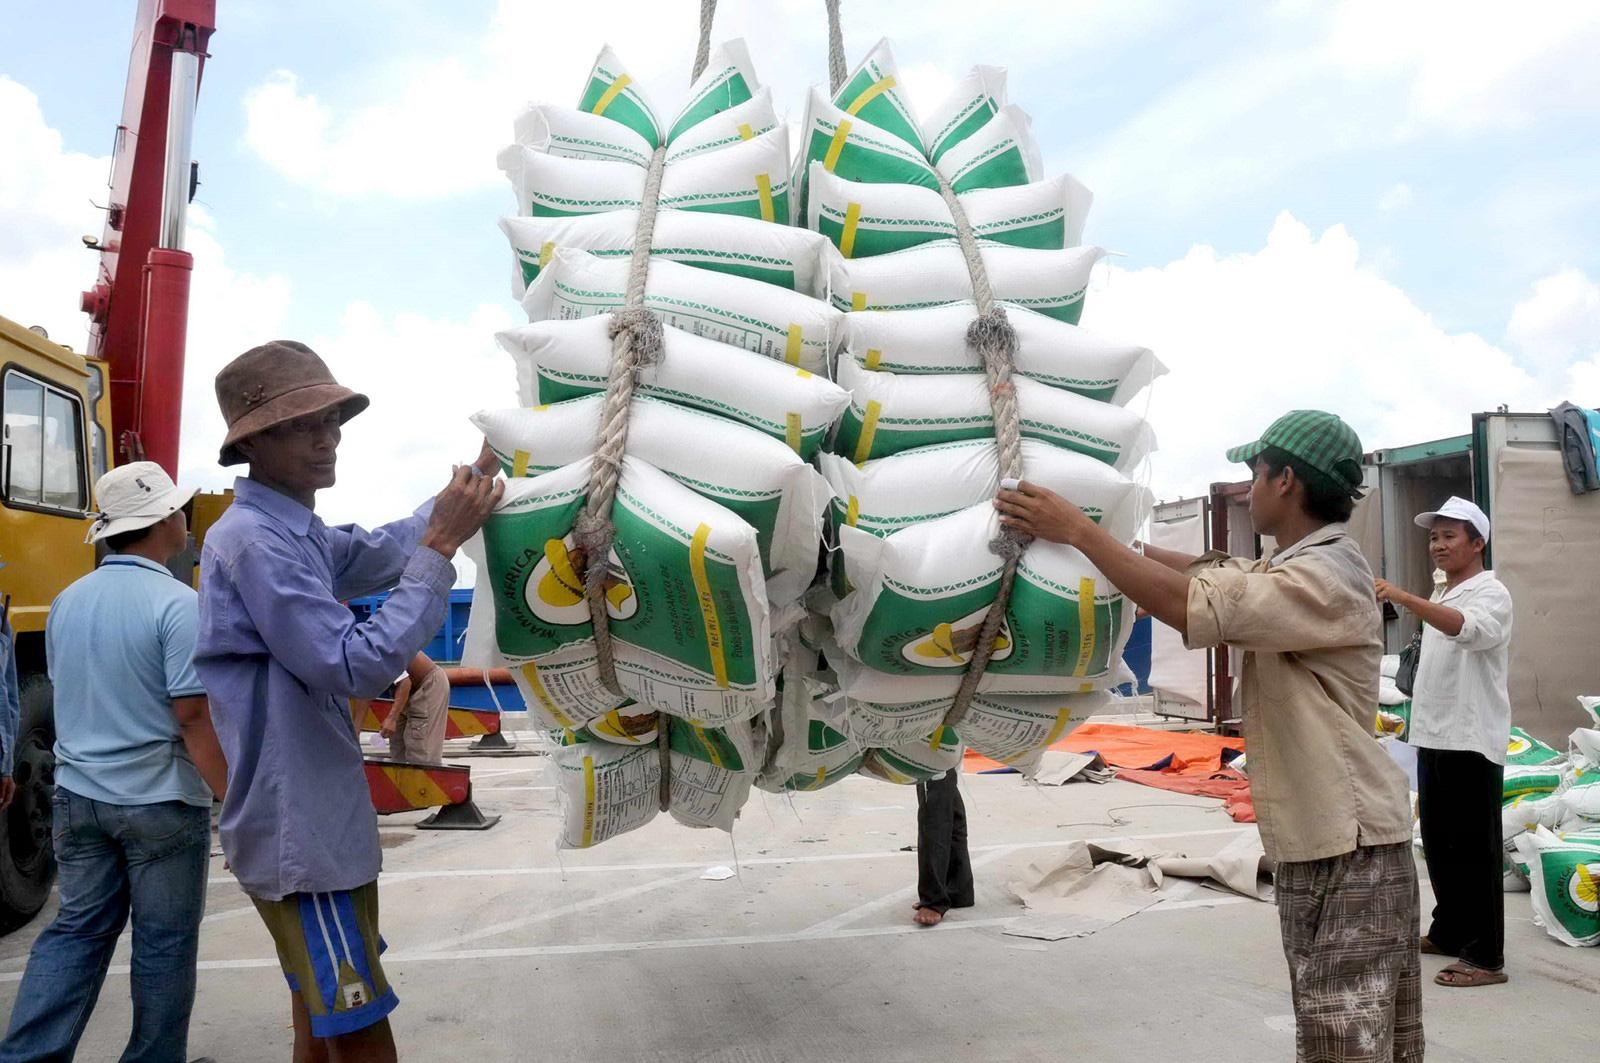 Giá gạo xuất khẩu Việt Nam vượt Thái Lan - Ảnh 1.